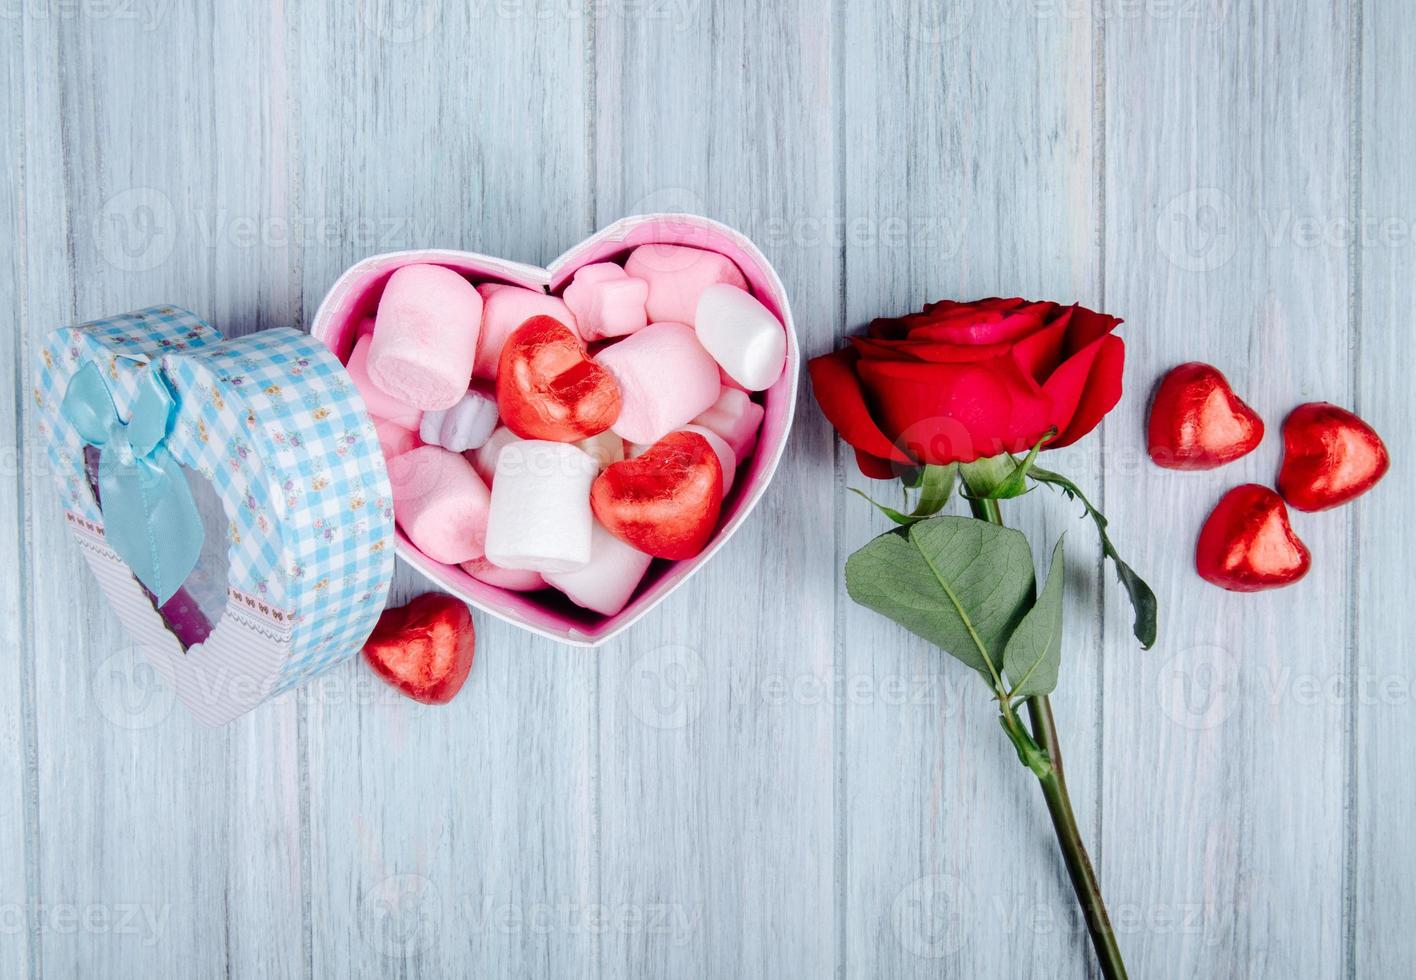 bovenaanzicht van Valentijnsdag snoepjes en een roos foto